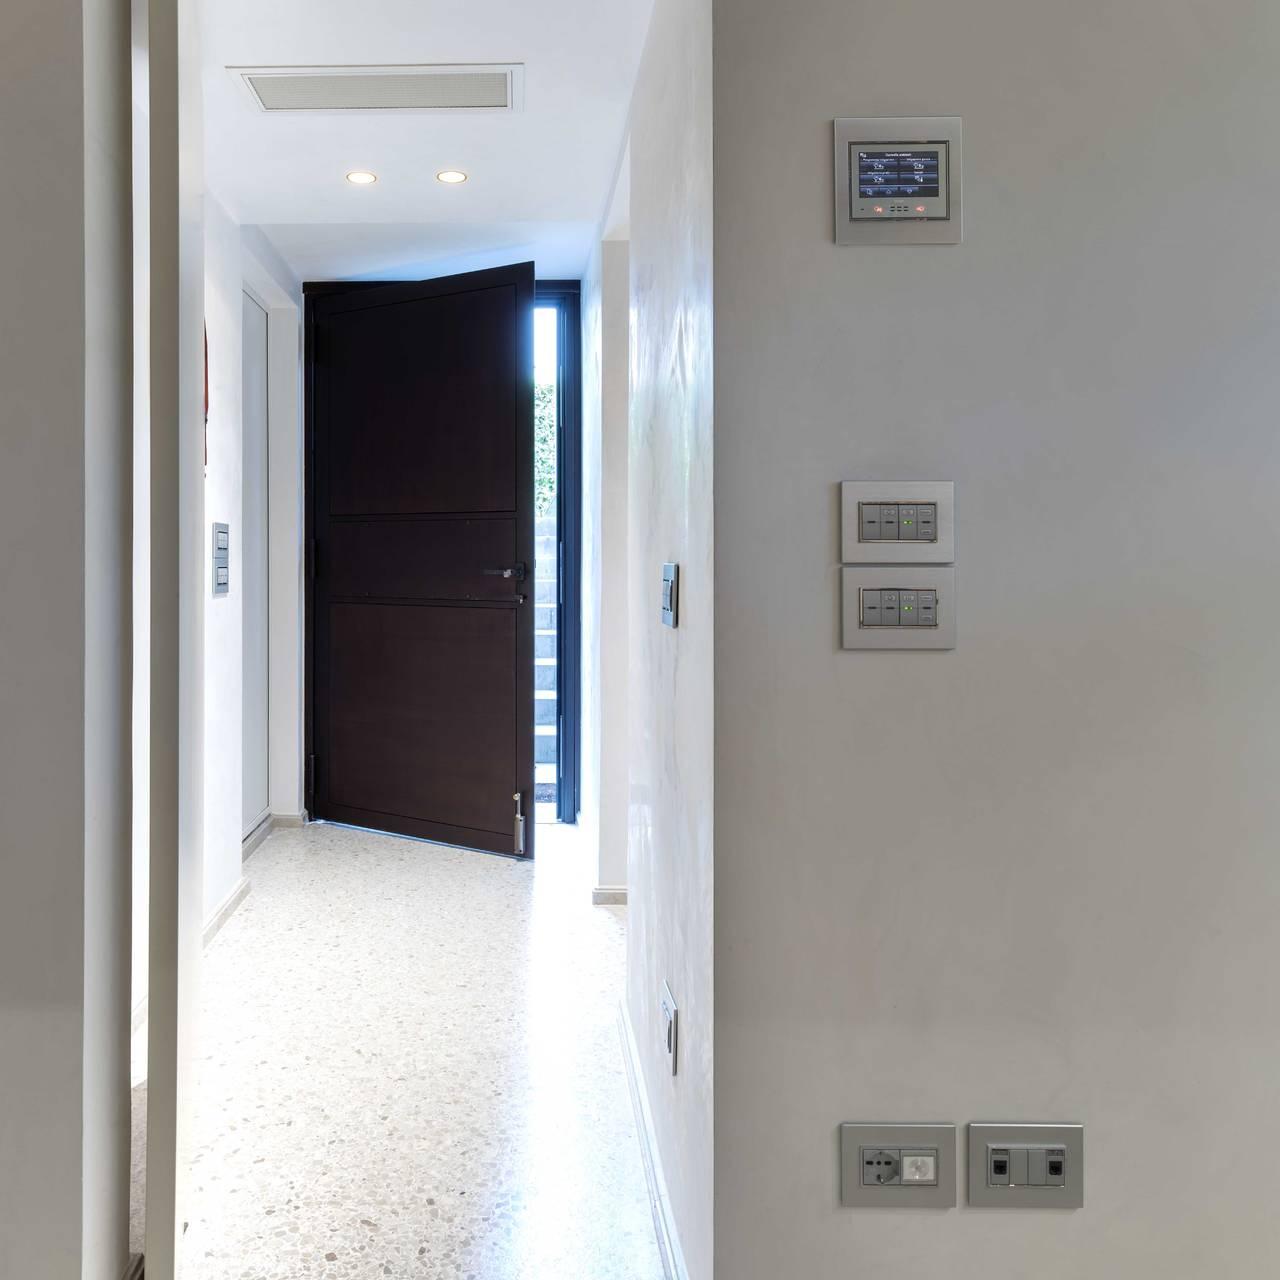 Vimar per una residenza privata a Padova